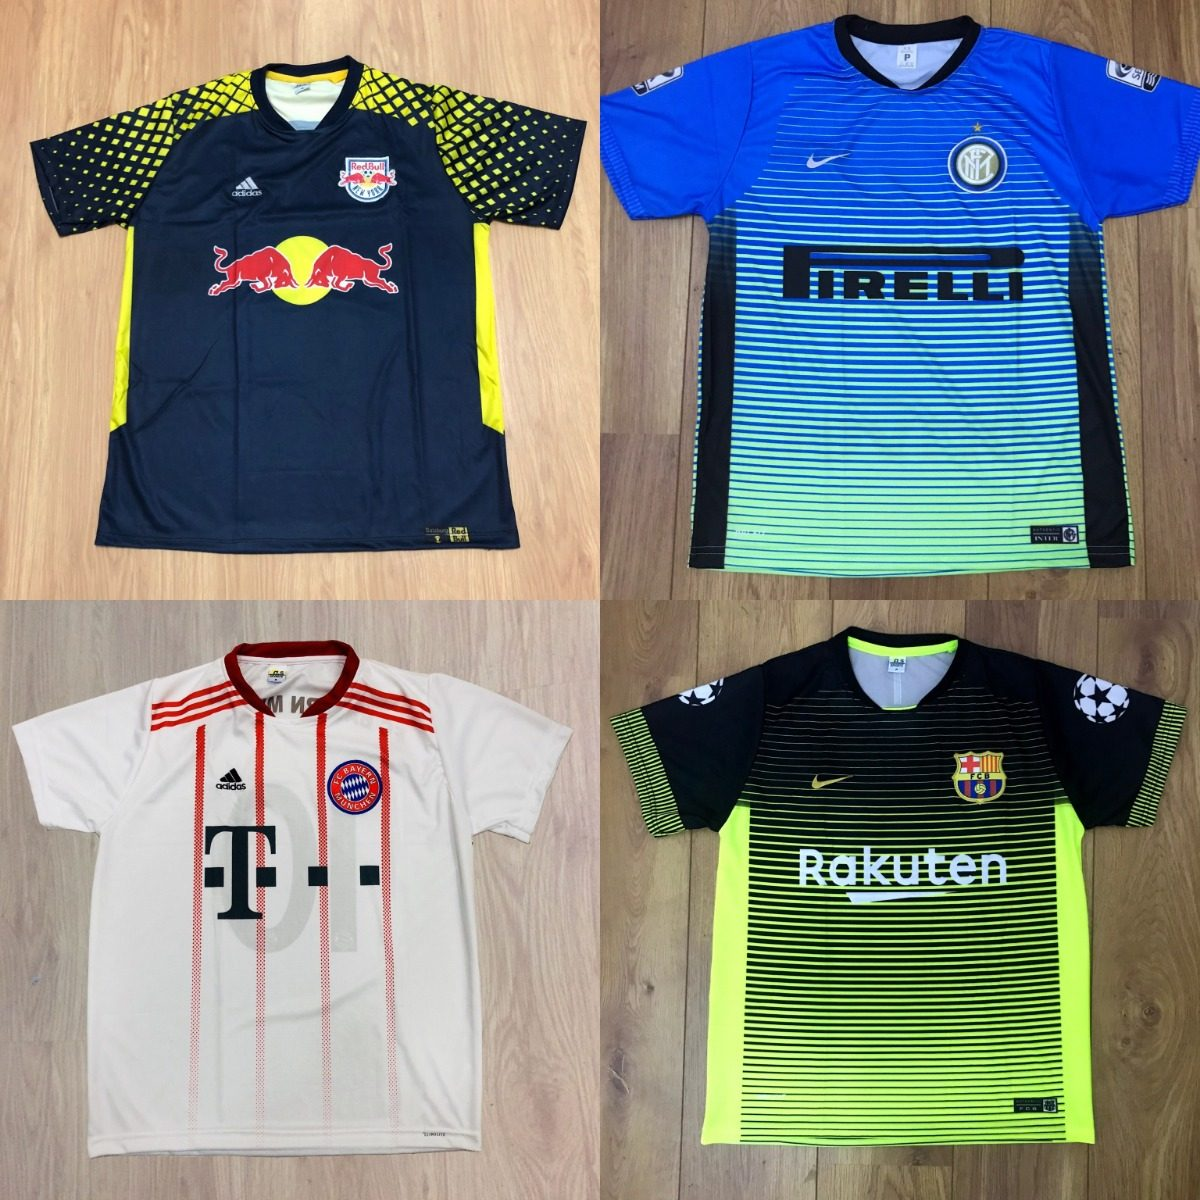 Kit Com 10 Camisetas De Time Camisas De Futebol Atacado - R  185 1e5c243447330